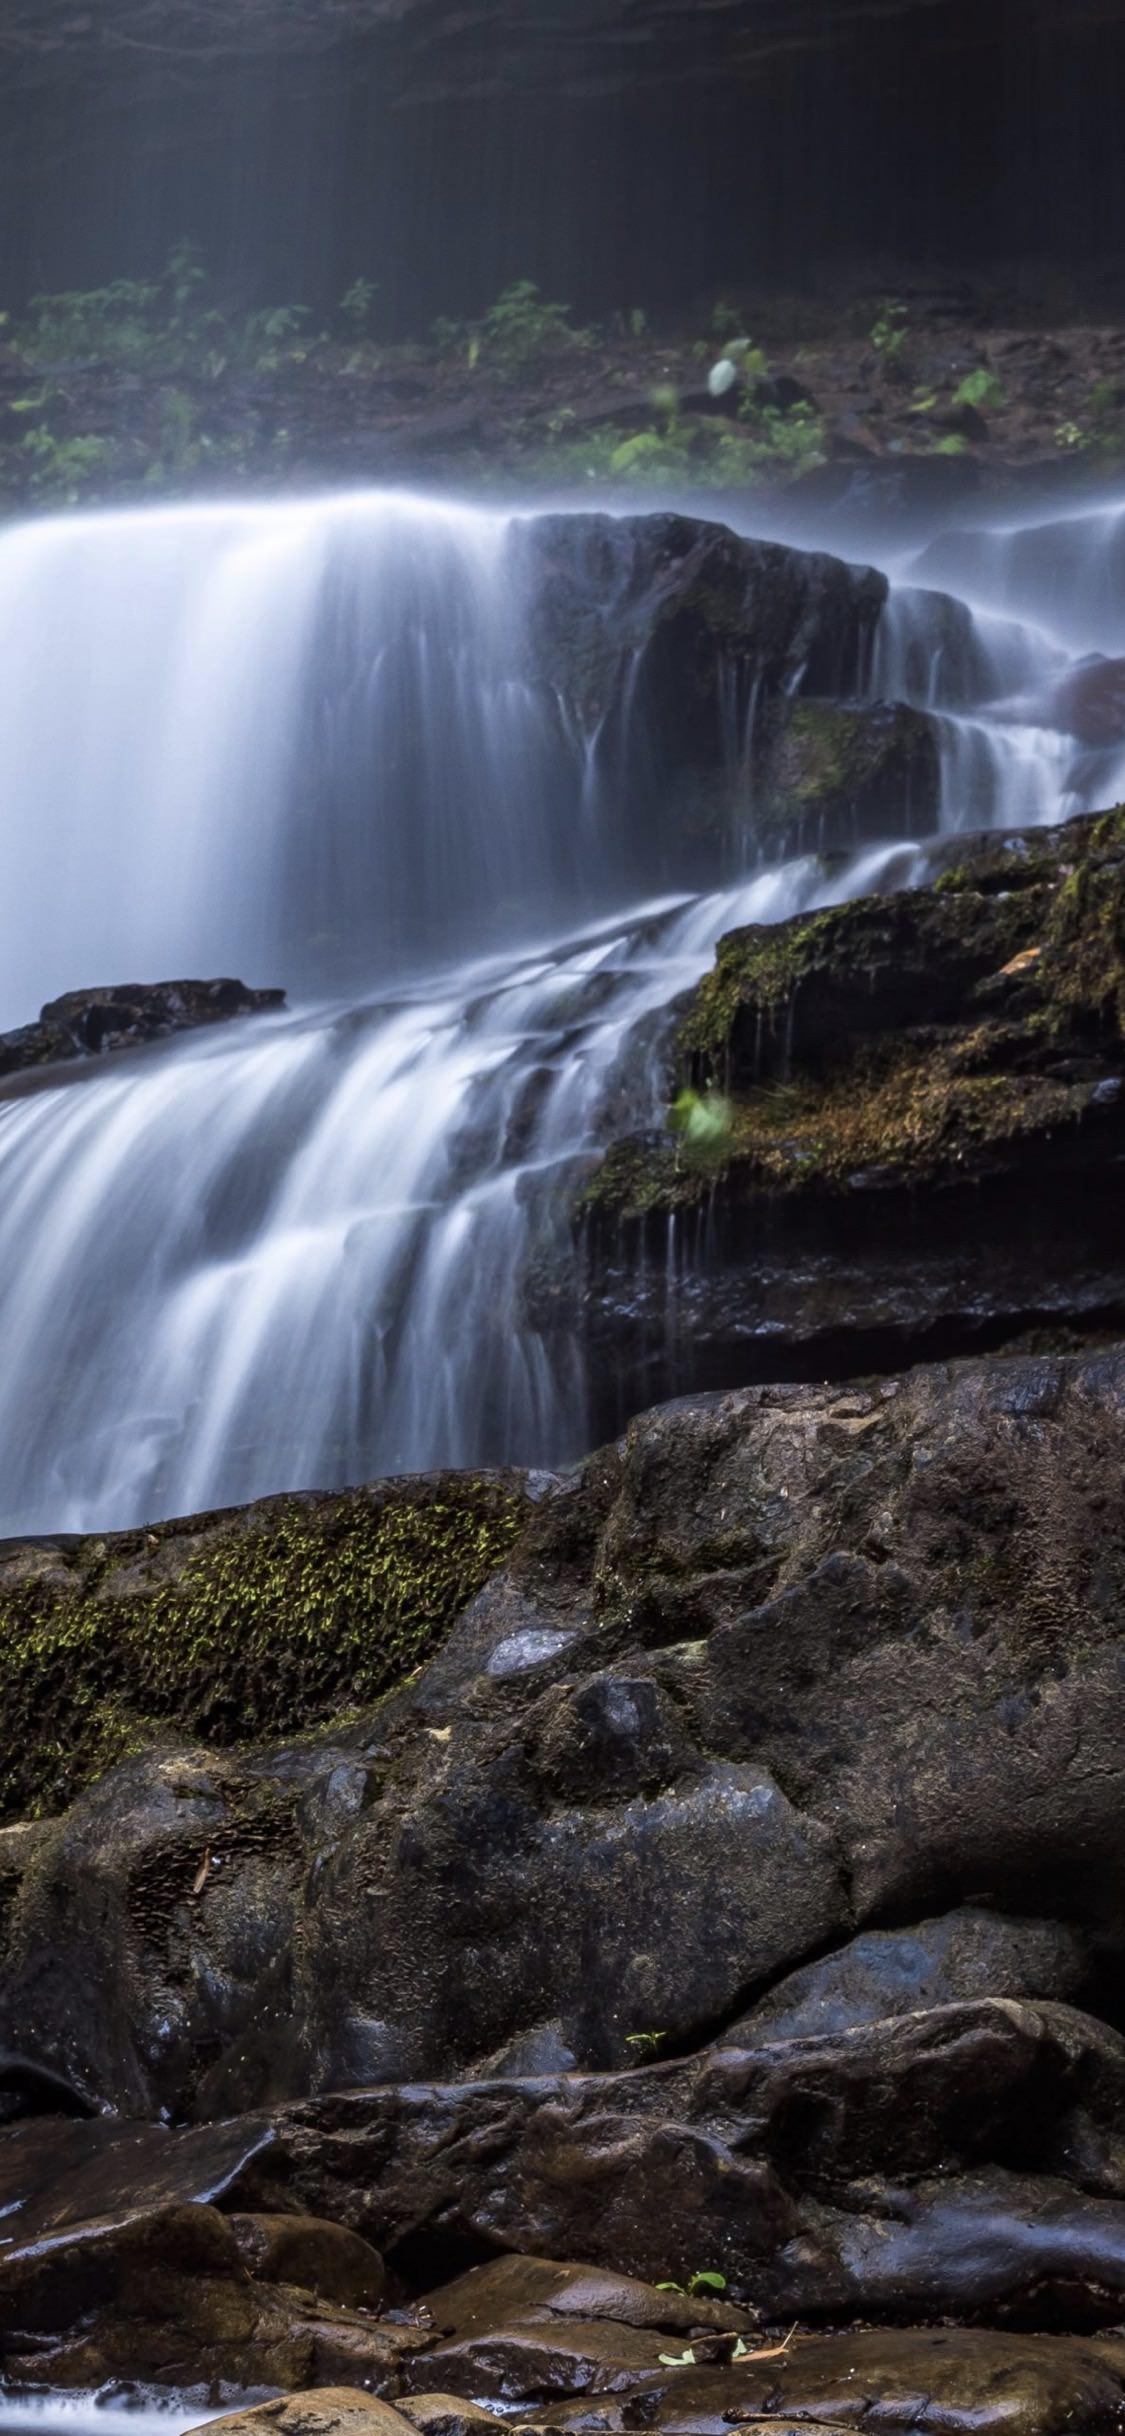 Landscape Waterfall Wallpaper Sc Iphonexs